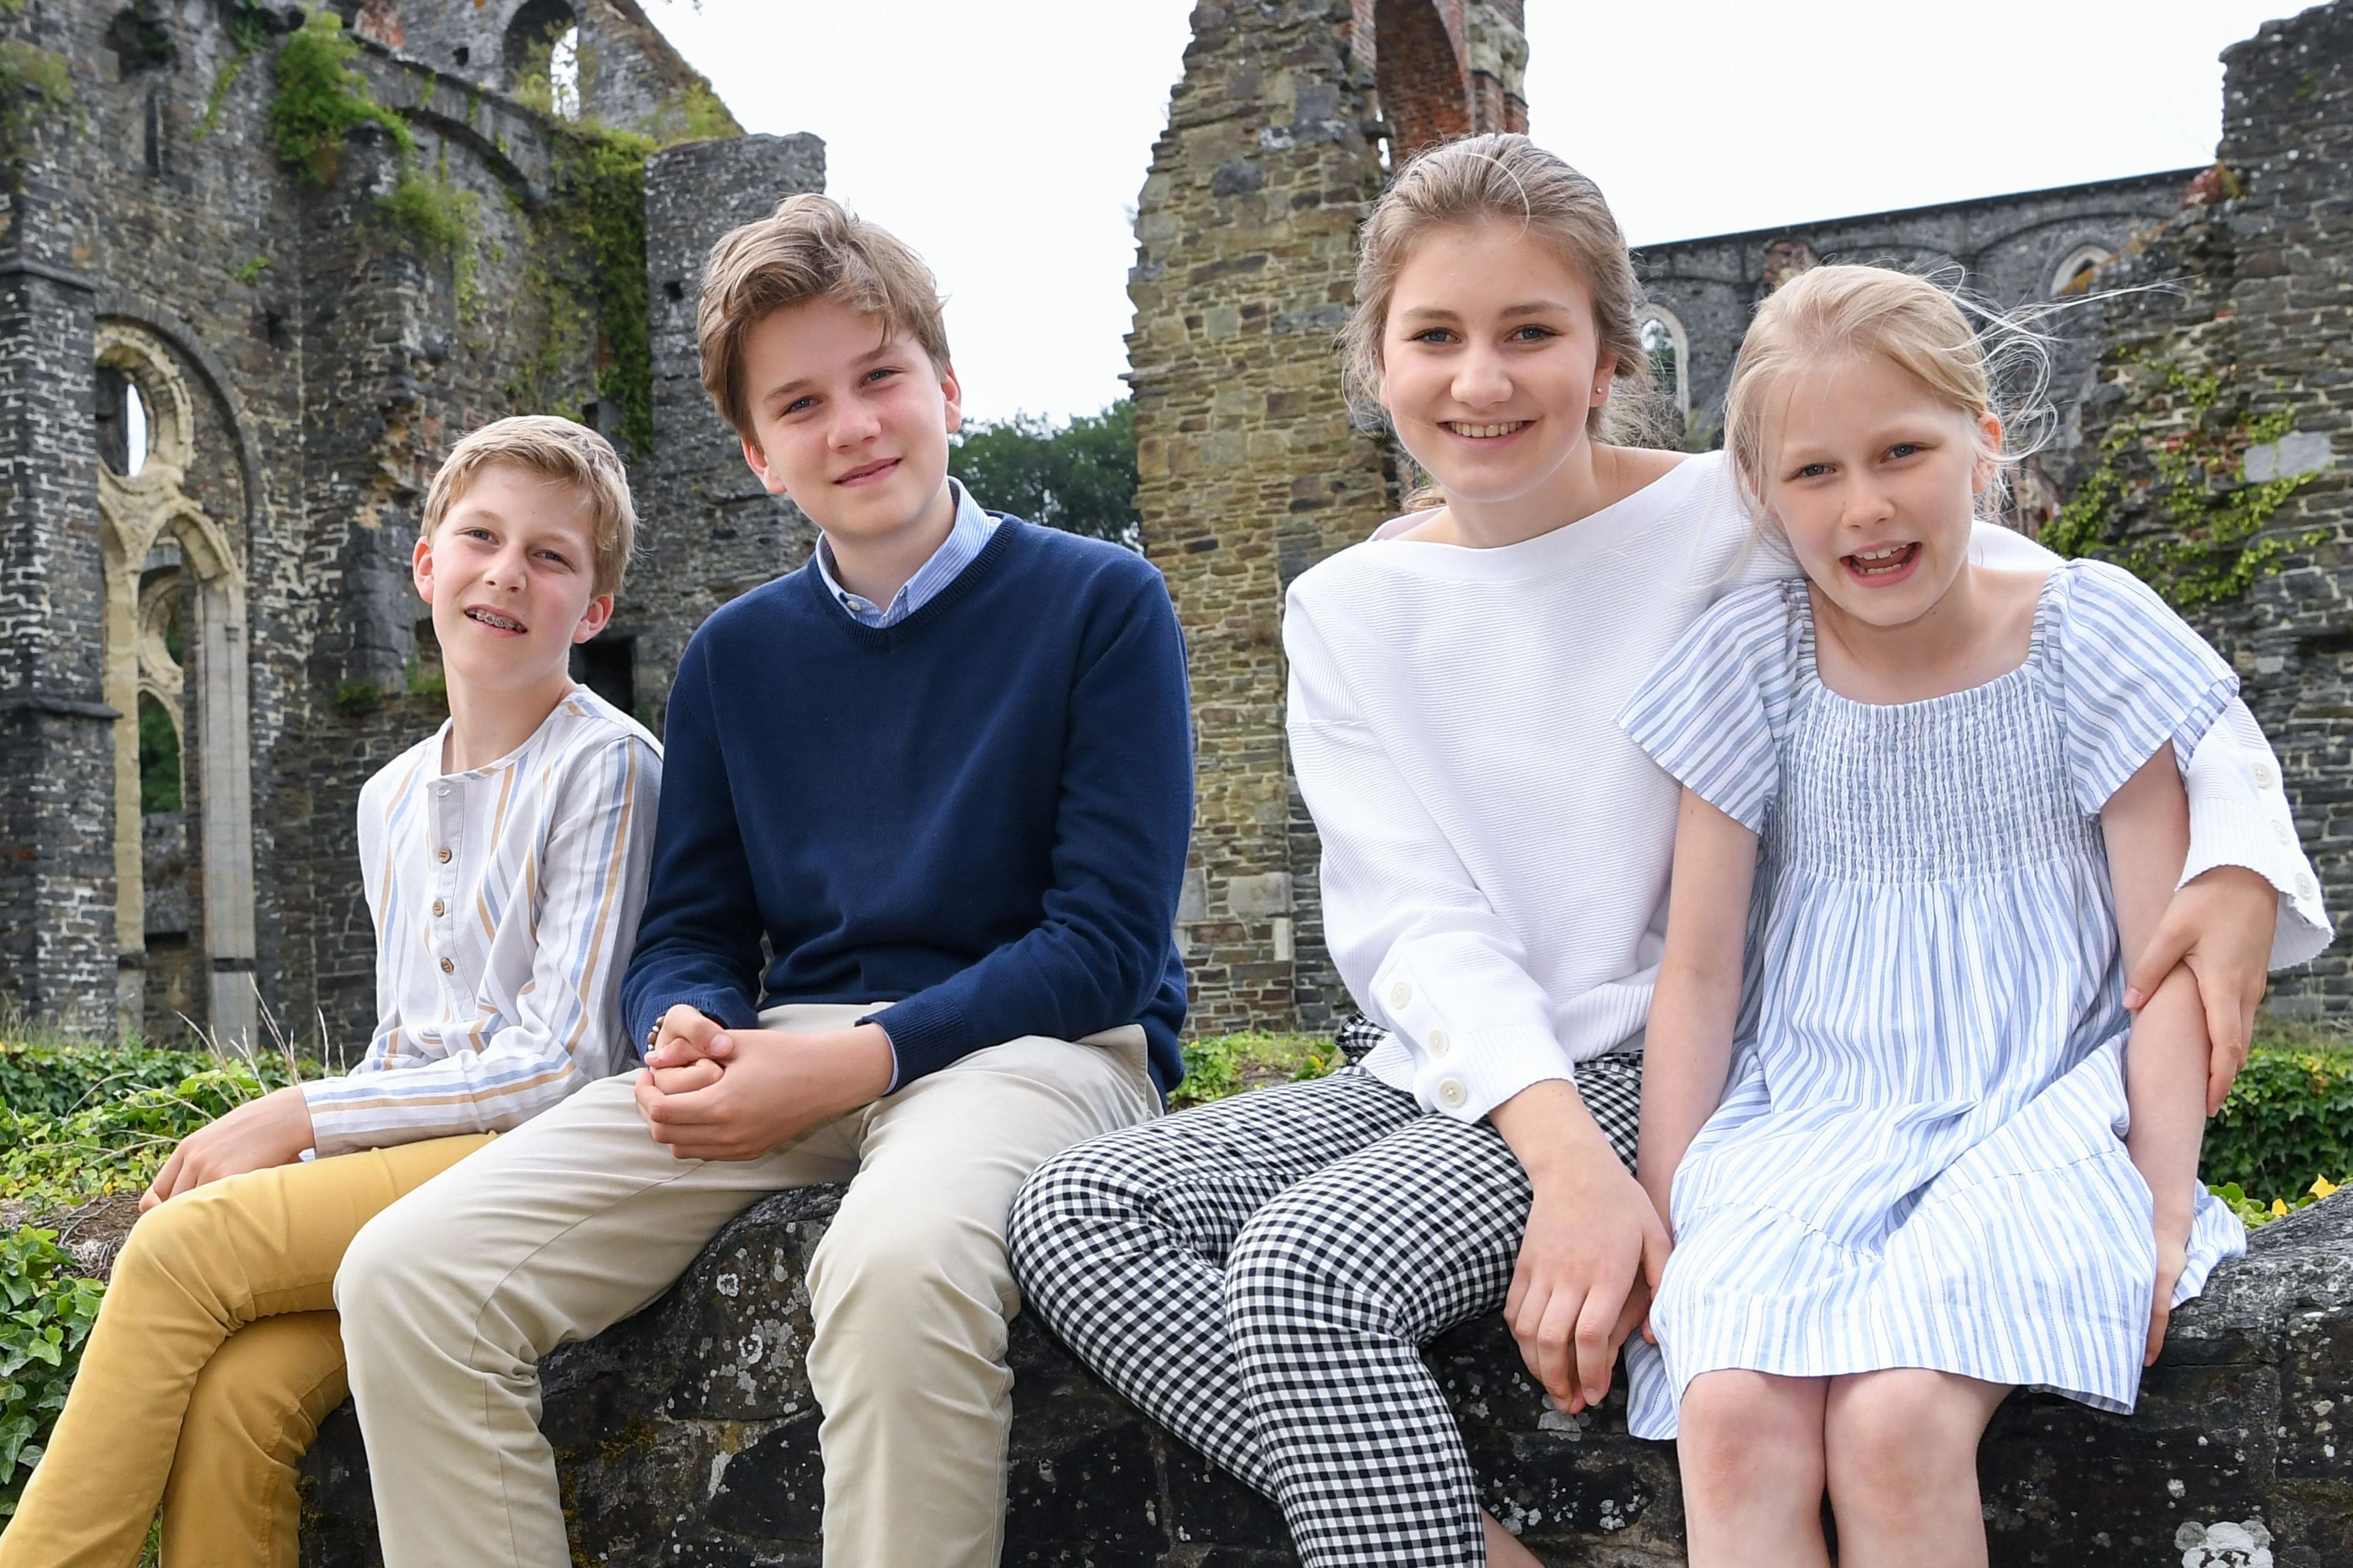 Prinz Emmanuel, Prinz Gabriel, Prinzessin Elisabeth und Prinzessin Eléonore